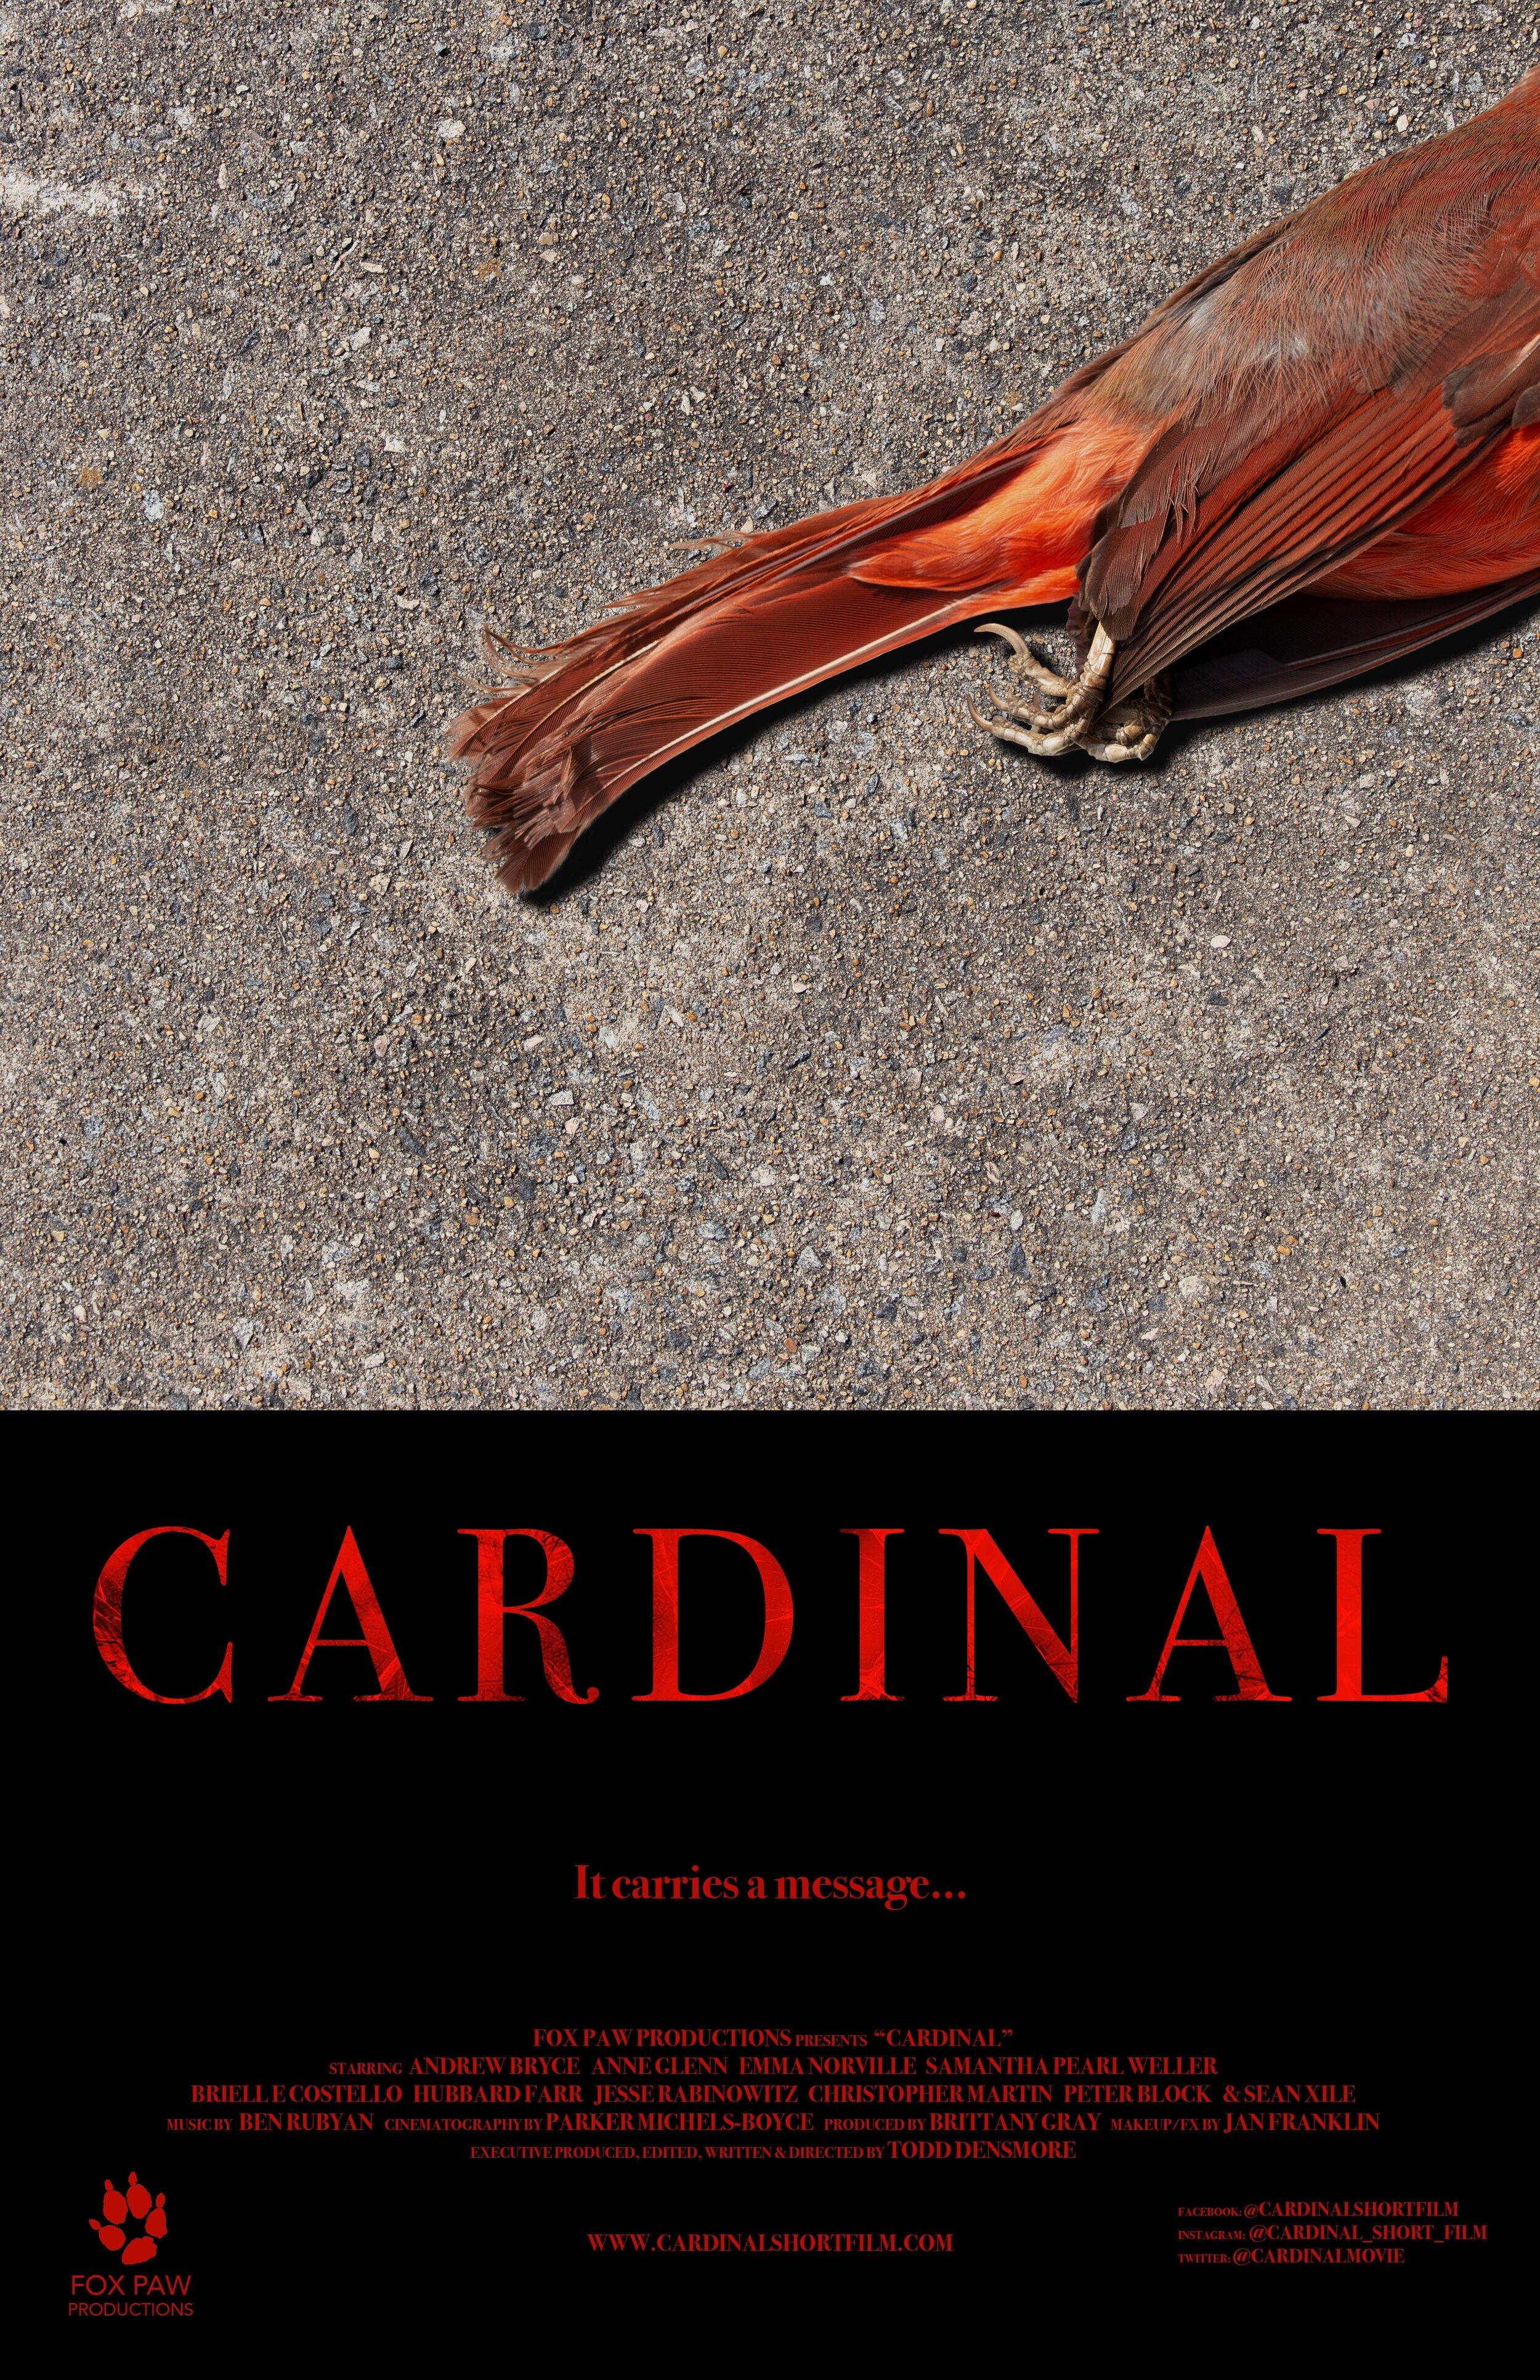 Cardinal Poster 7.21 (1).jpg